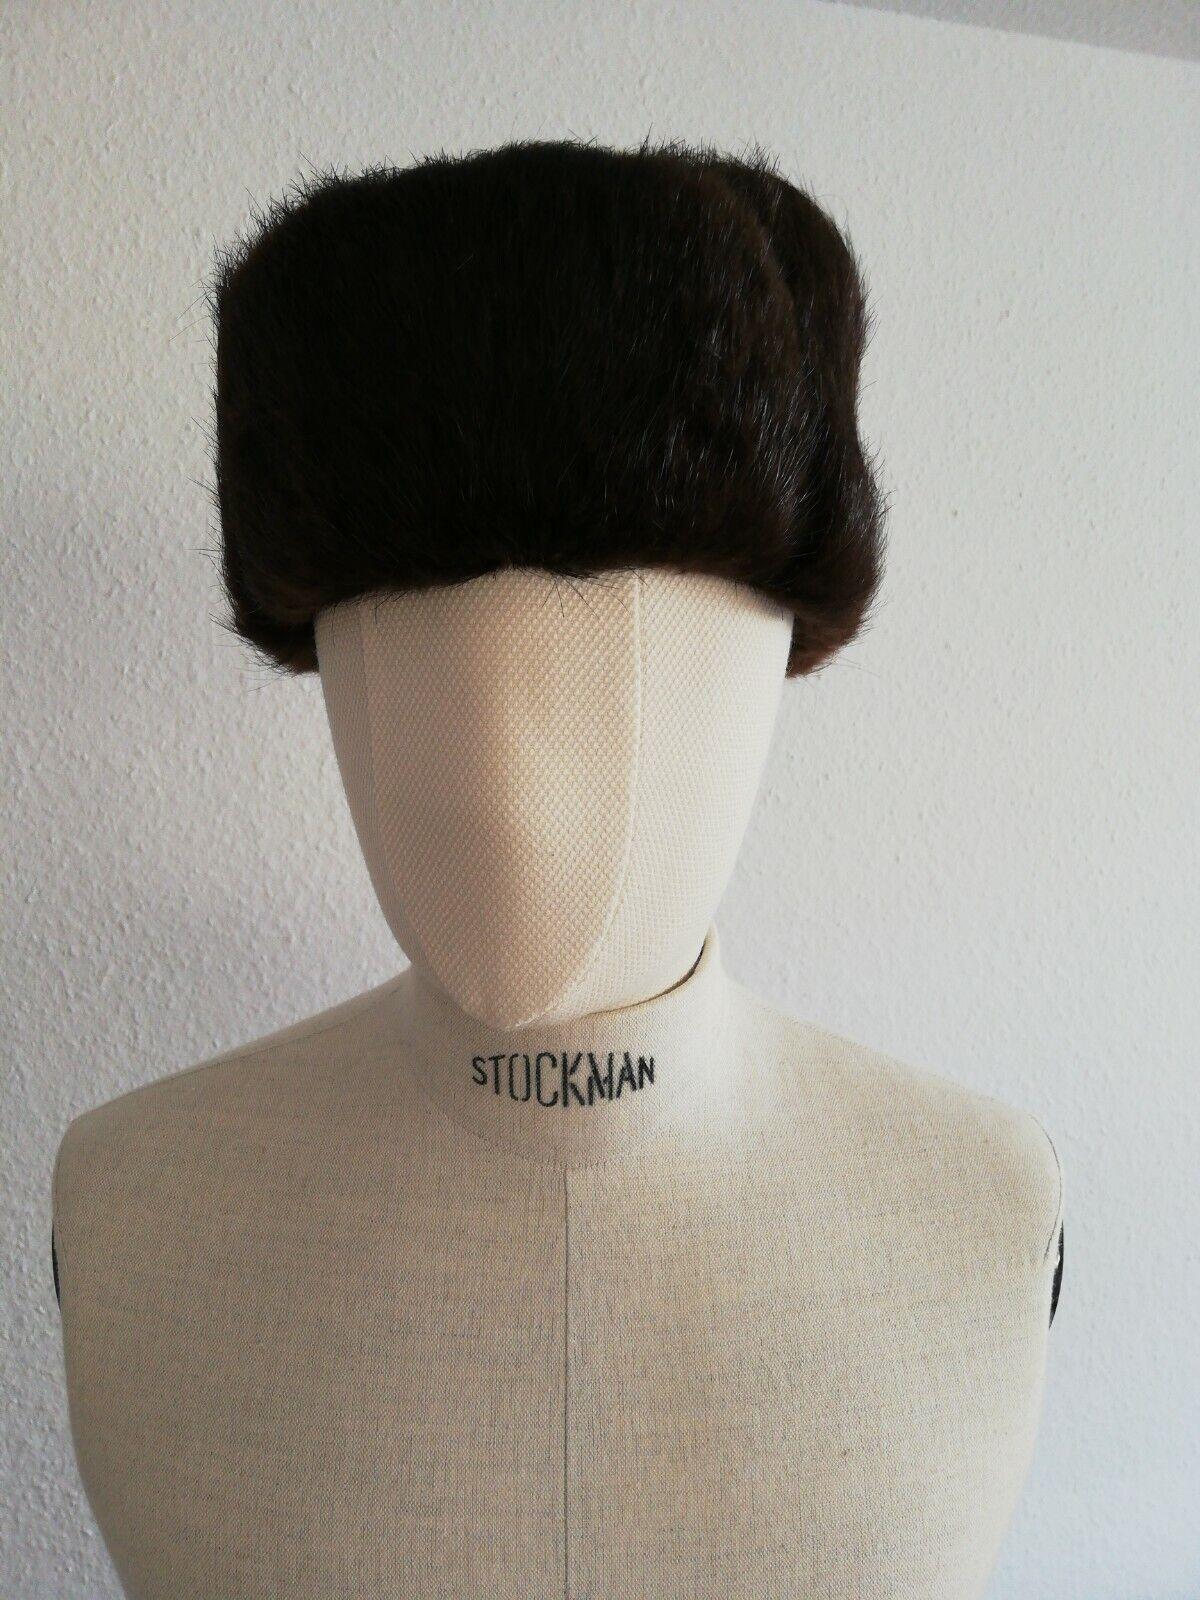 5fb2bcd5b800f Hondrocream ist die Schnellste HERREN SHAPKA Russische Pelz Mütze Mütze  Mütze Moskau aus den 90igern